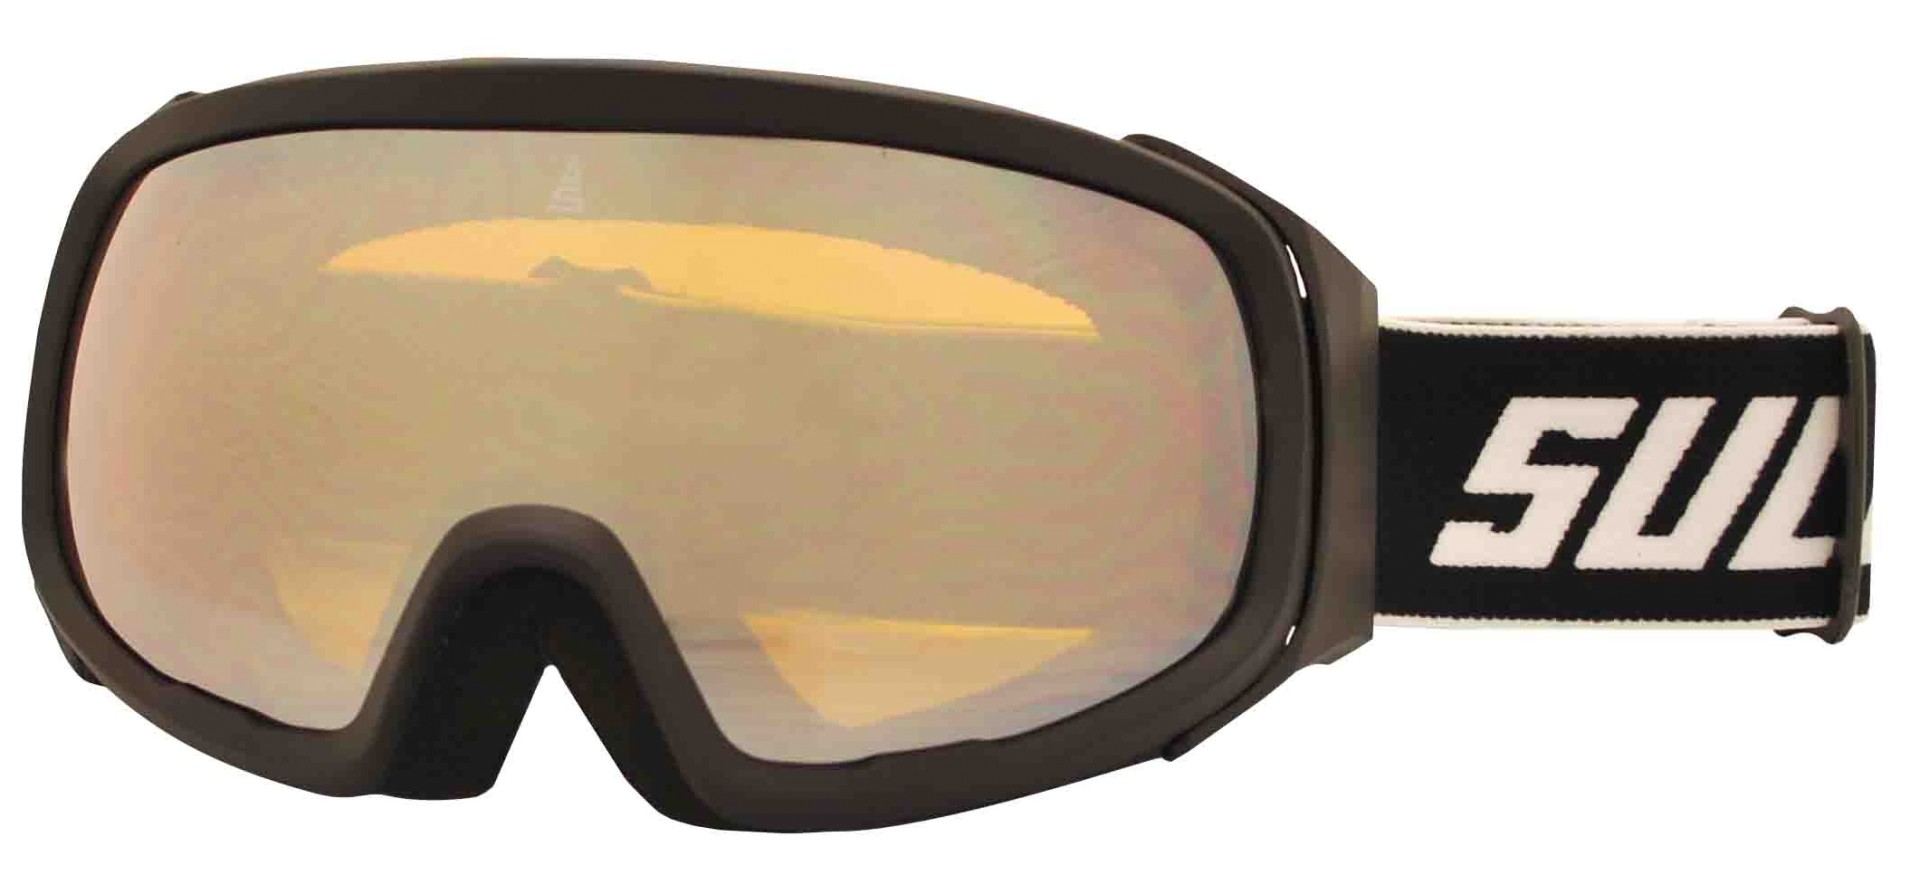 Lyžařské brýle Sulov Pro dvojsklo revo černé